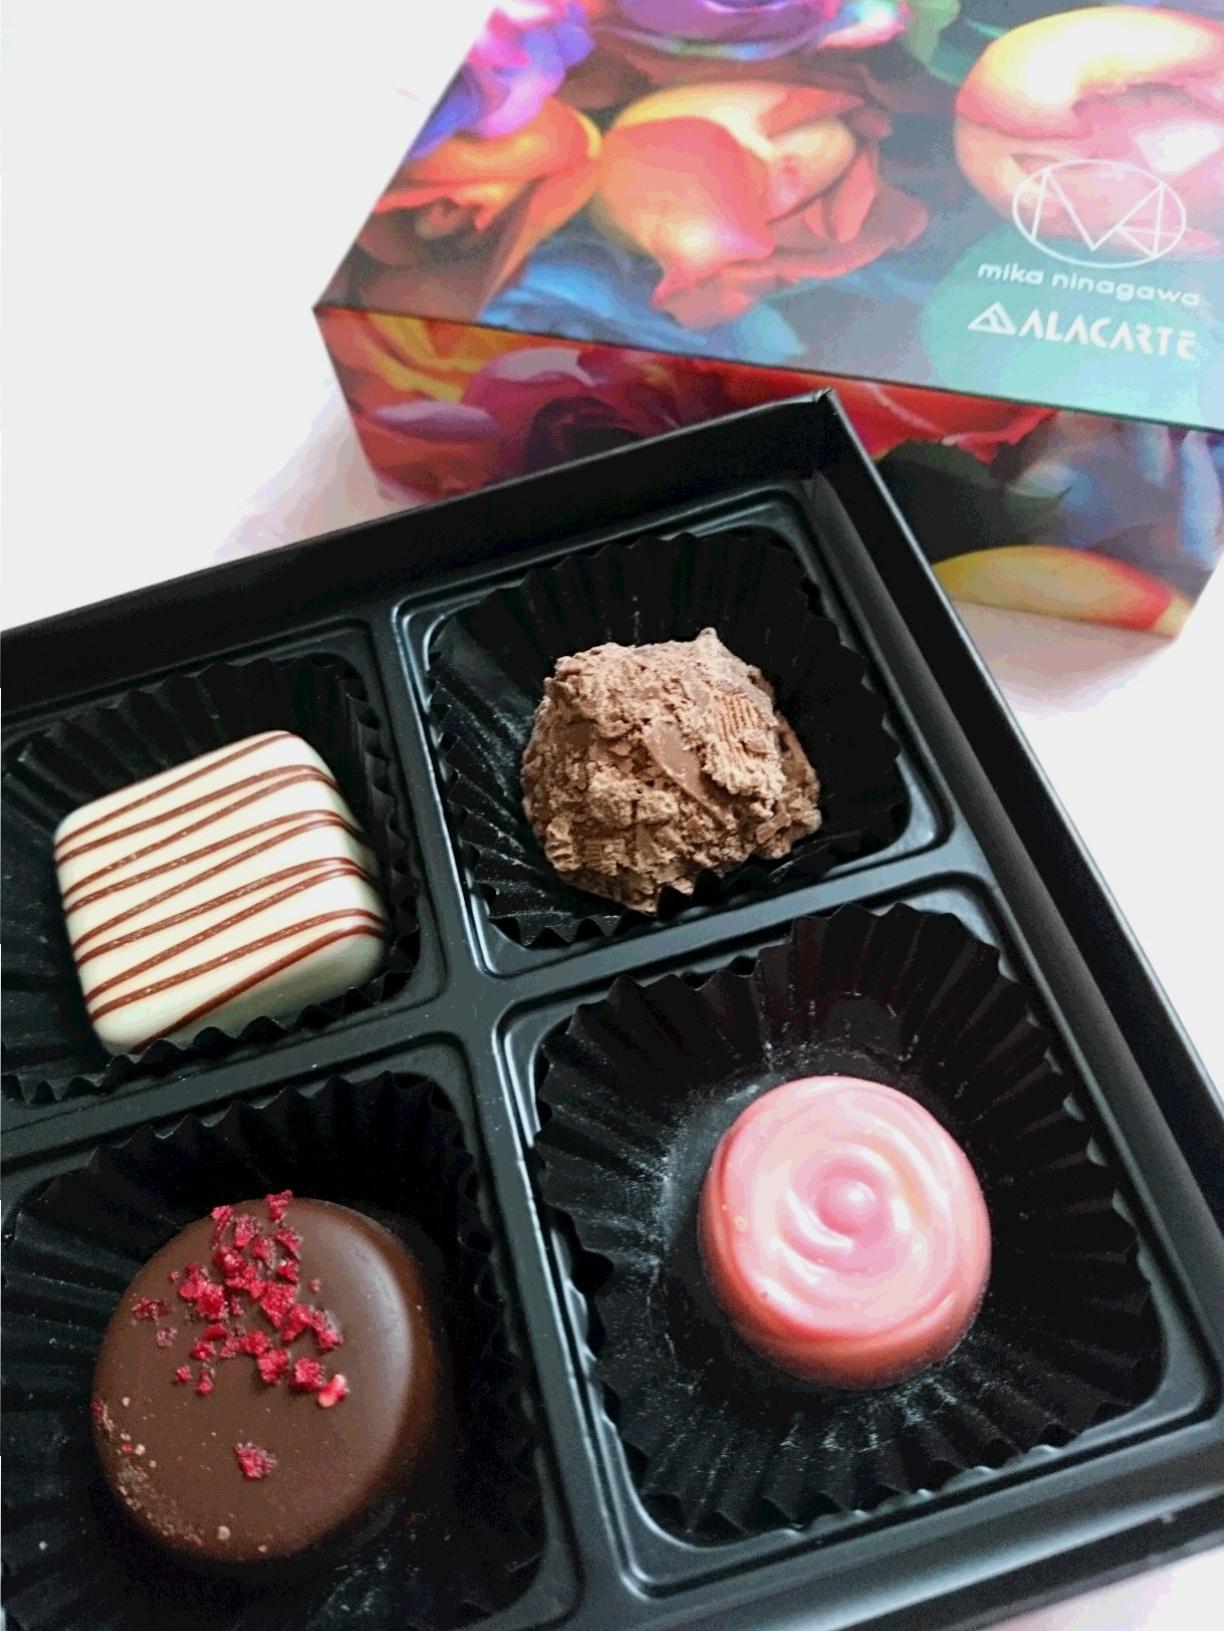 自分用バレンタインチョコは…蜷川実花さんコラボ・スペシャルパッケージのALACARTEチョコ♡_2